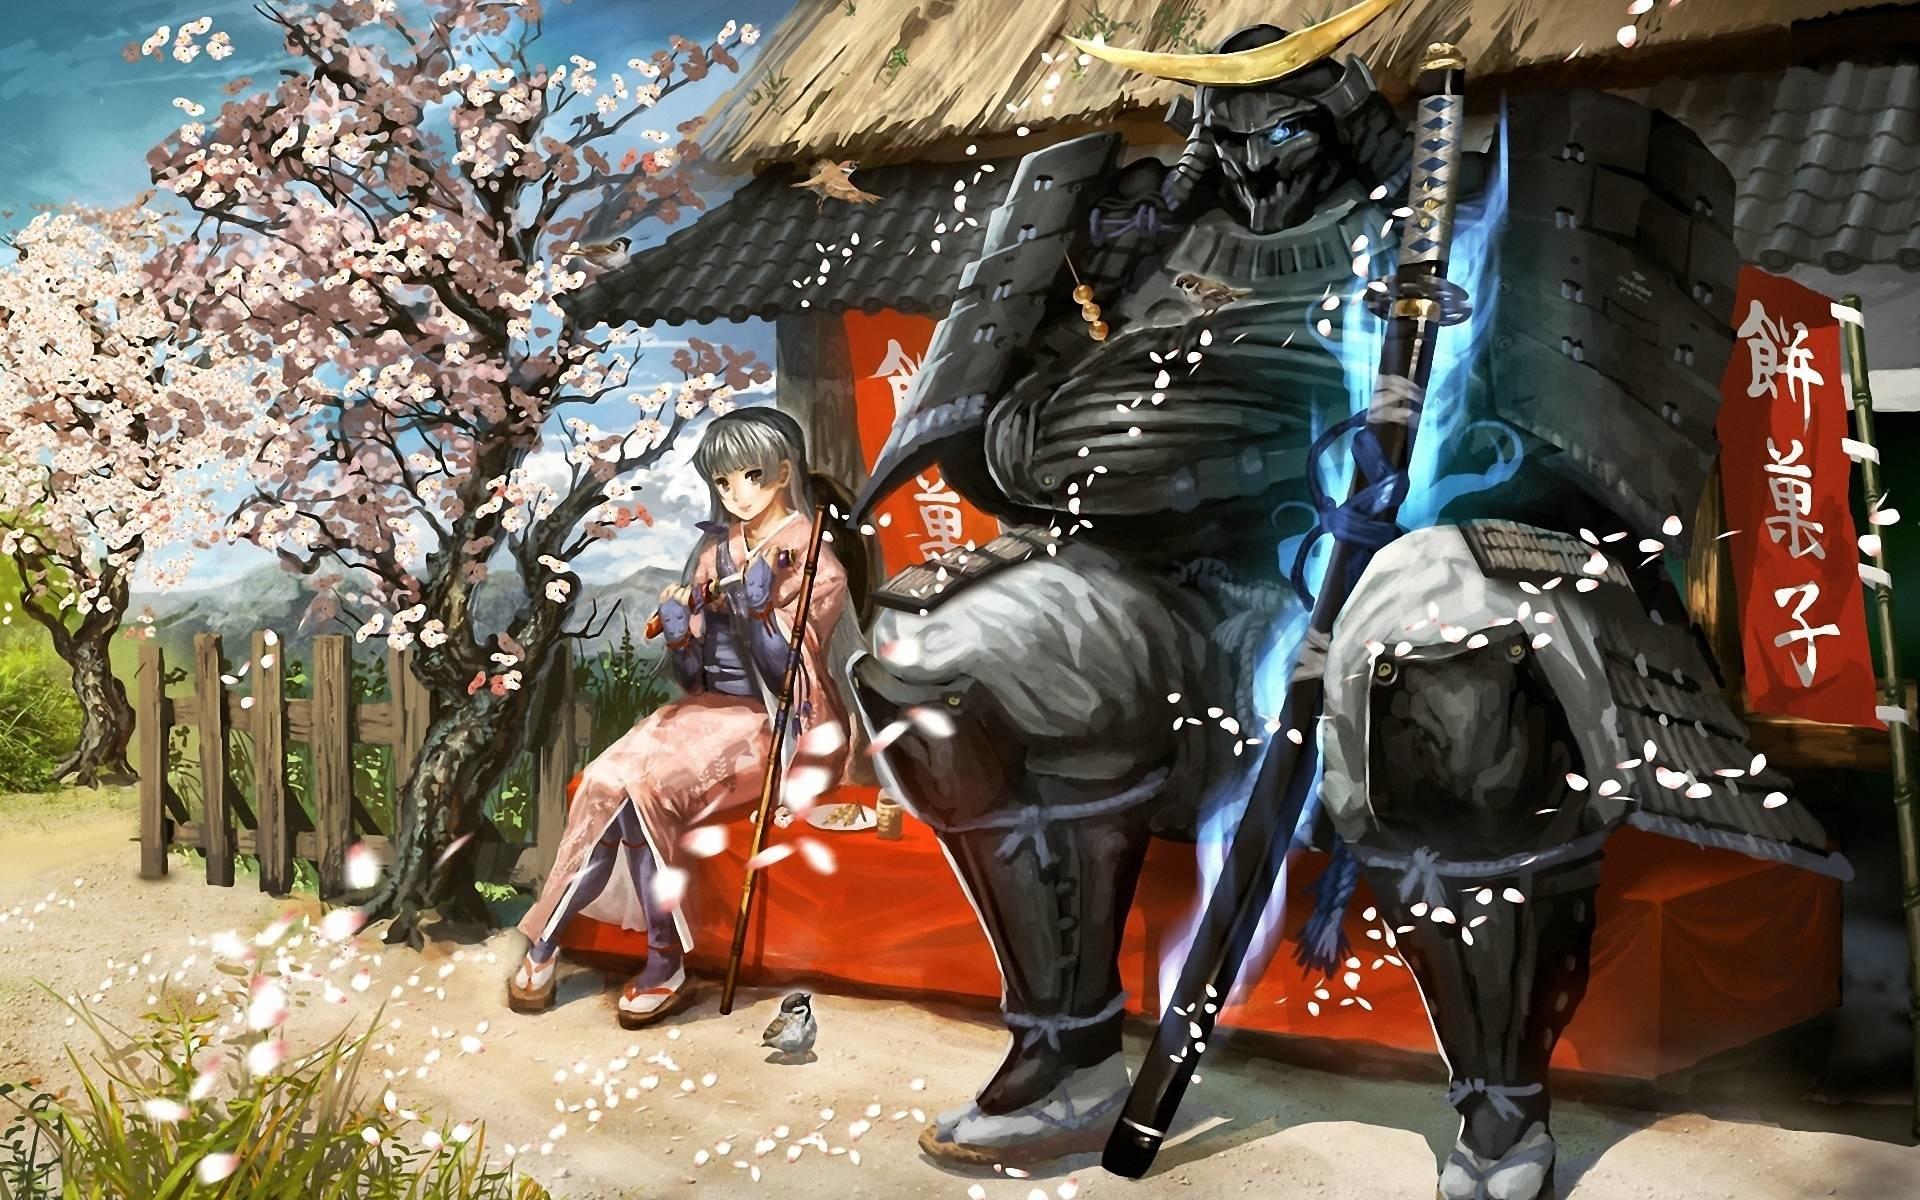 Res: 1920x1200, Anime Samurai Wallpaper Hd #1413 Wallpaper | kariswall.com